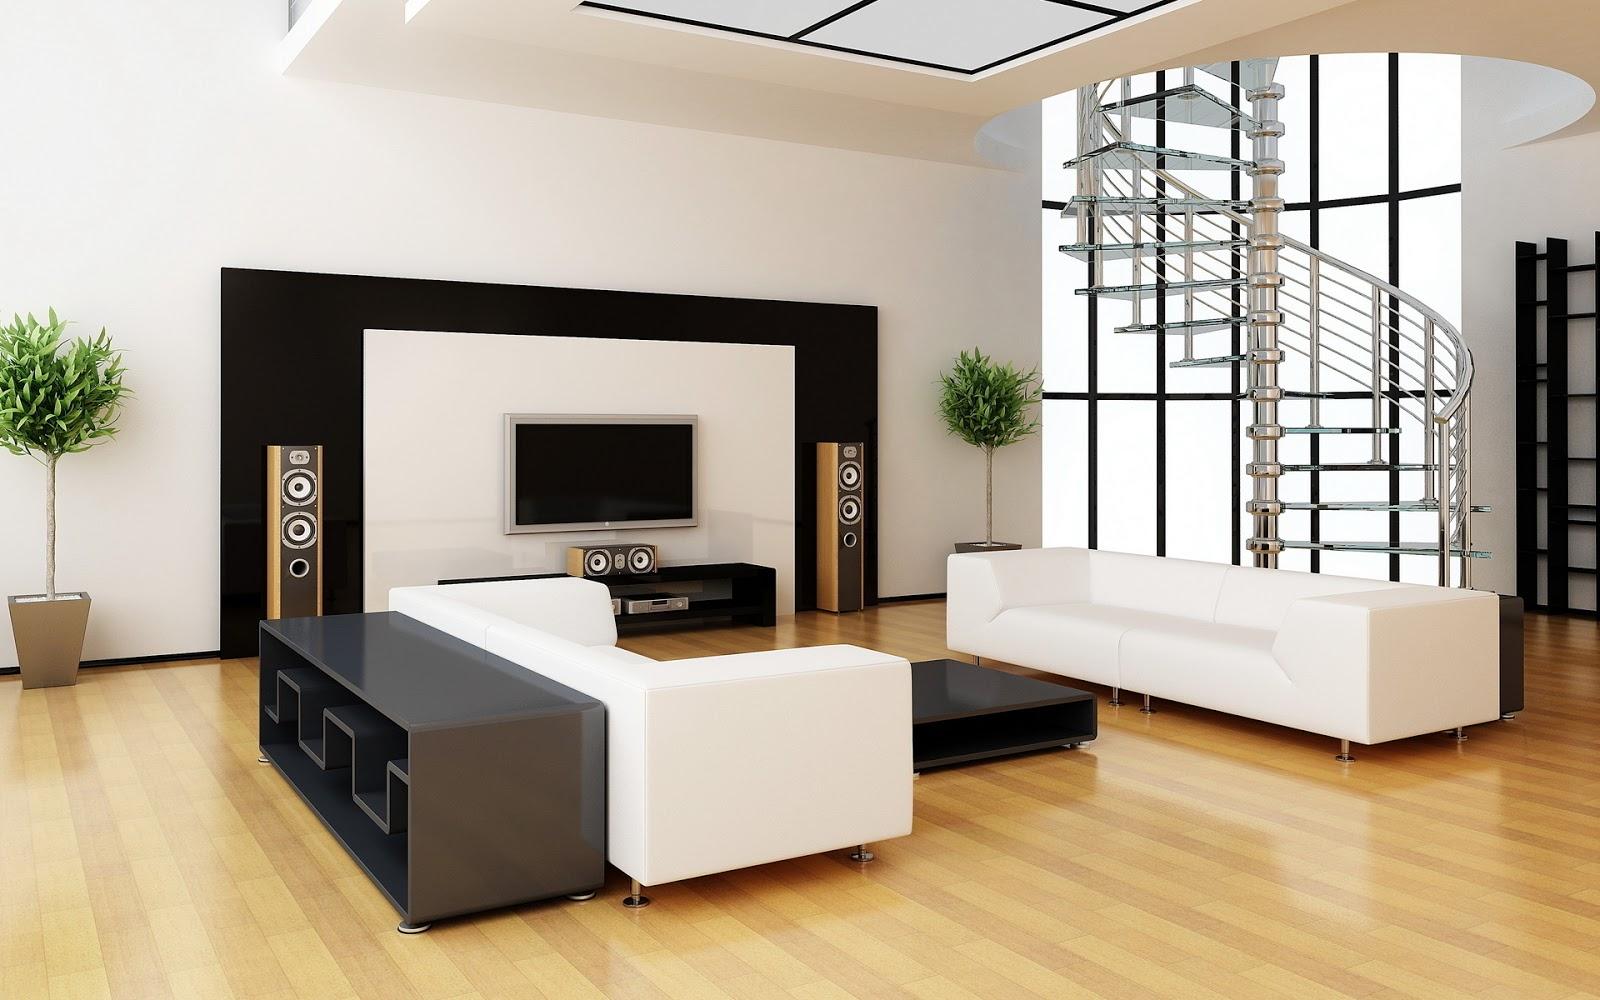 Thiết kế nội thất chung cư The Matrix One Mễ trì